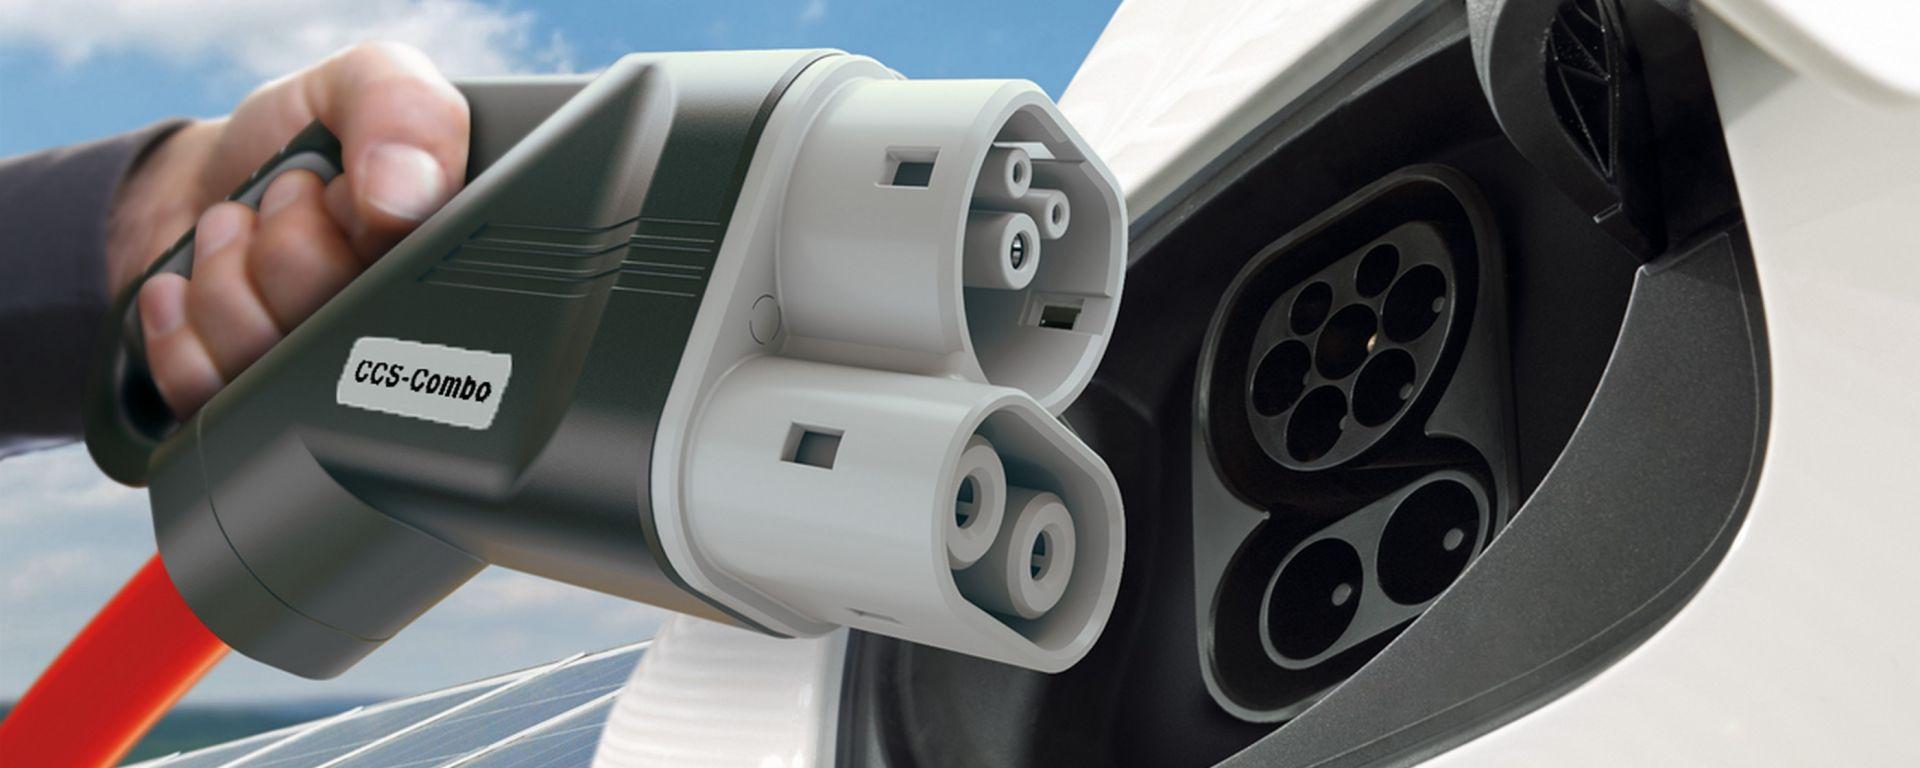 Audi, BMW, Daimler, Ford e Porsche assieme per creare stazioni di ricarica veloce in Europa